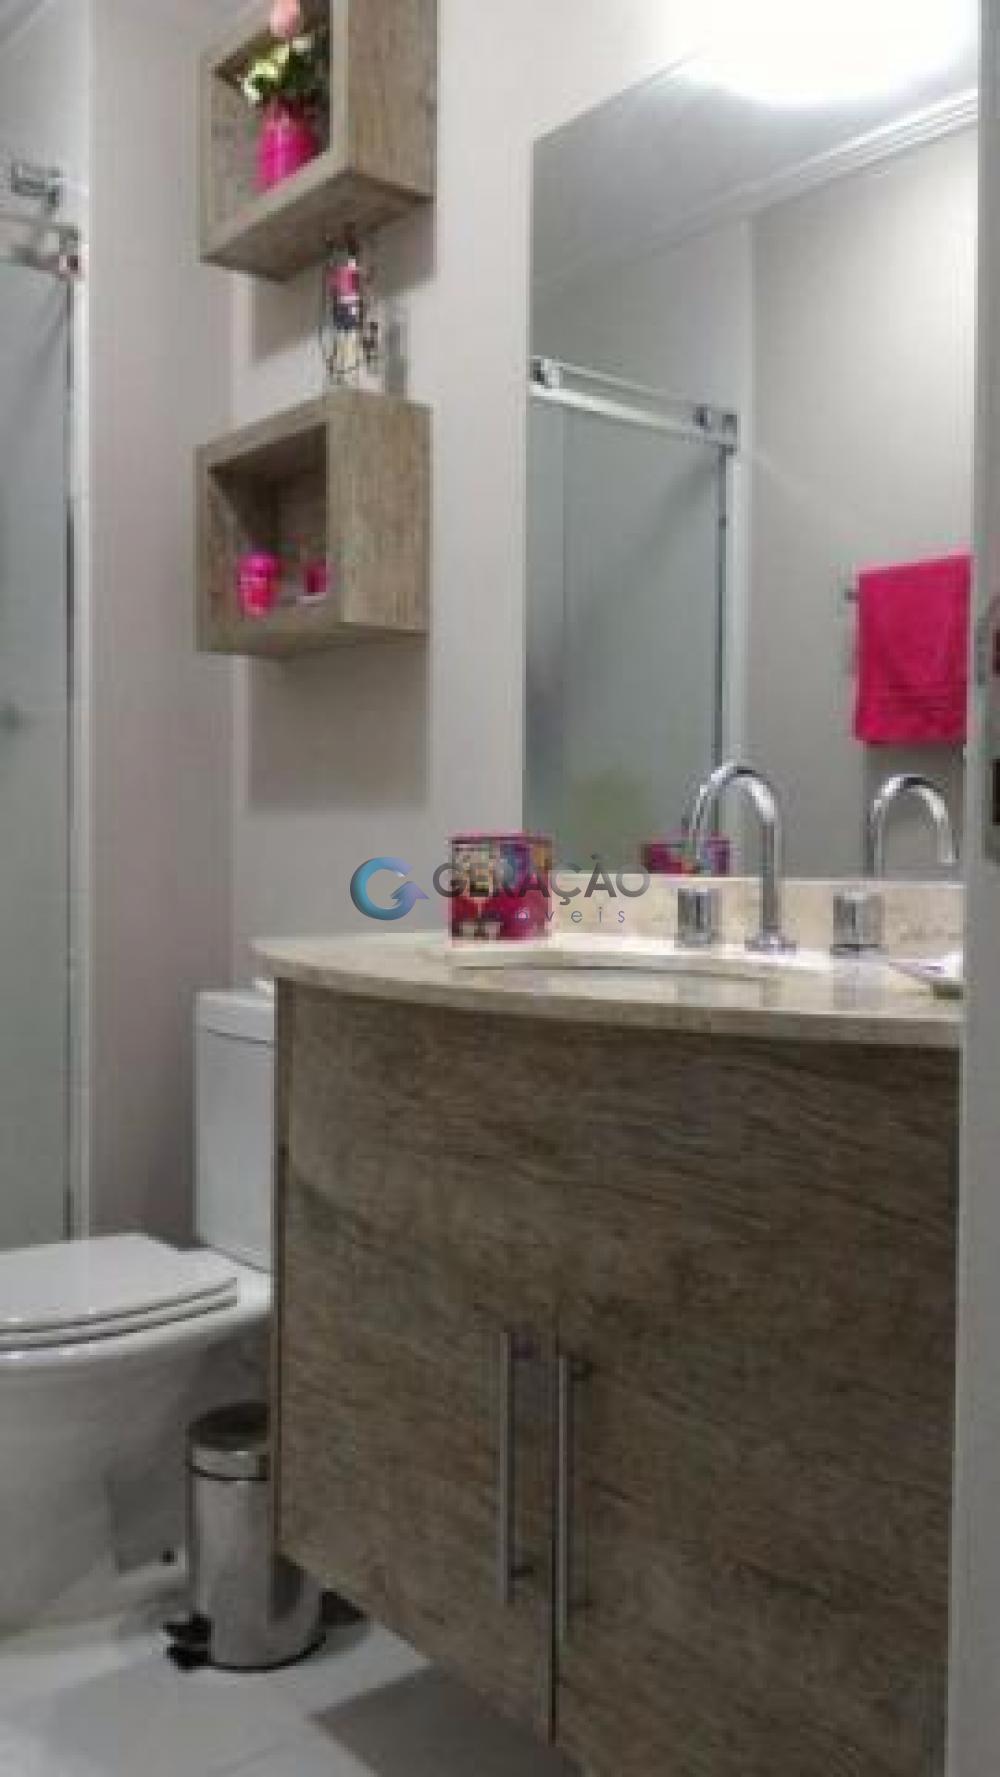 Comprar Apartamento / Padrão em São José dos Campos apenas R$ 510.000,00 - Foto 5